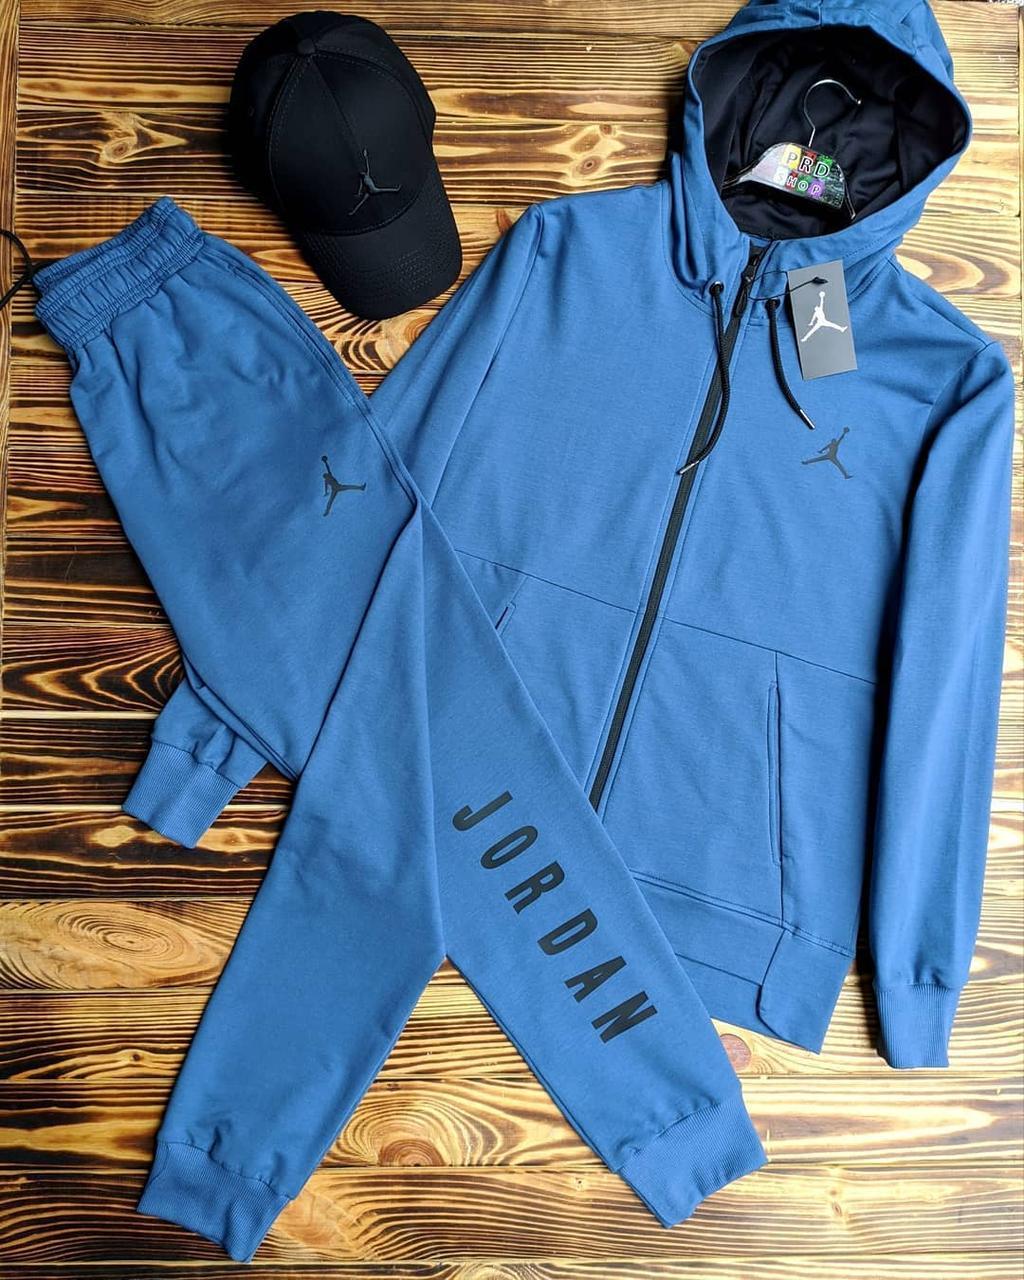 Чоловічий спортивний костюм синій